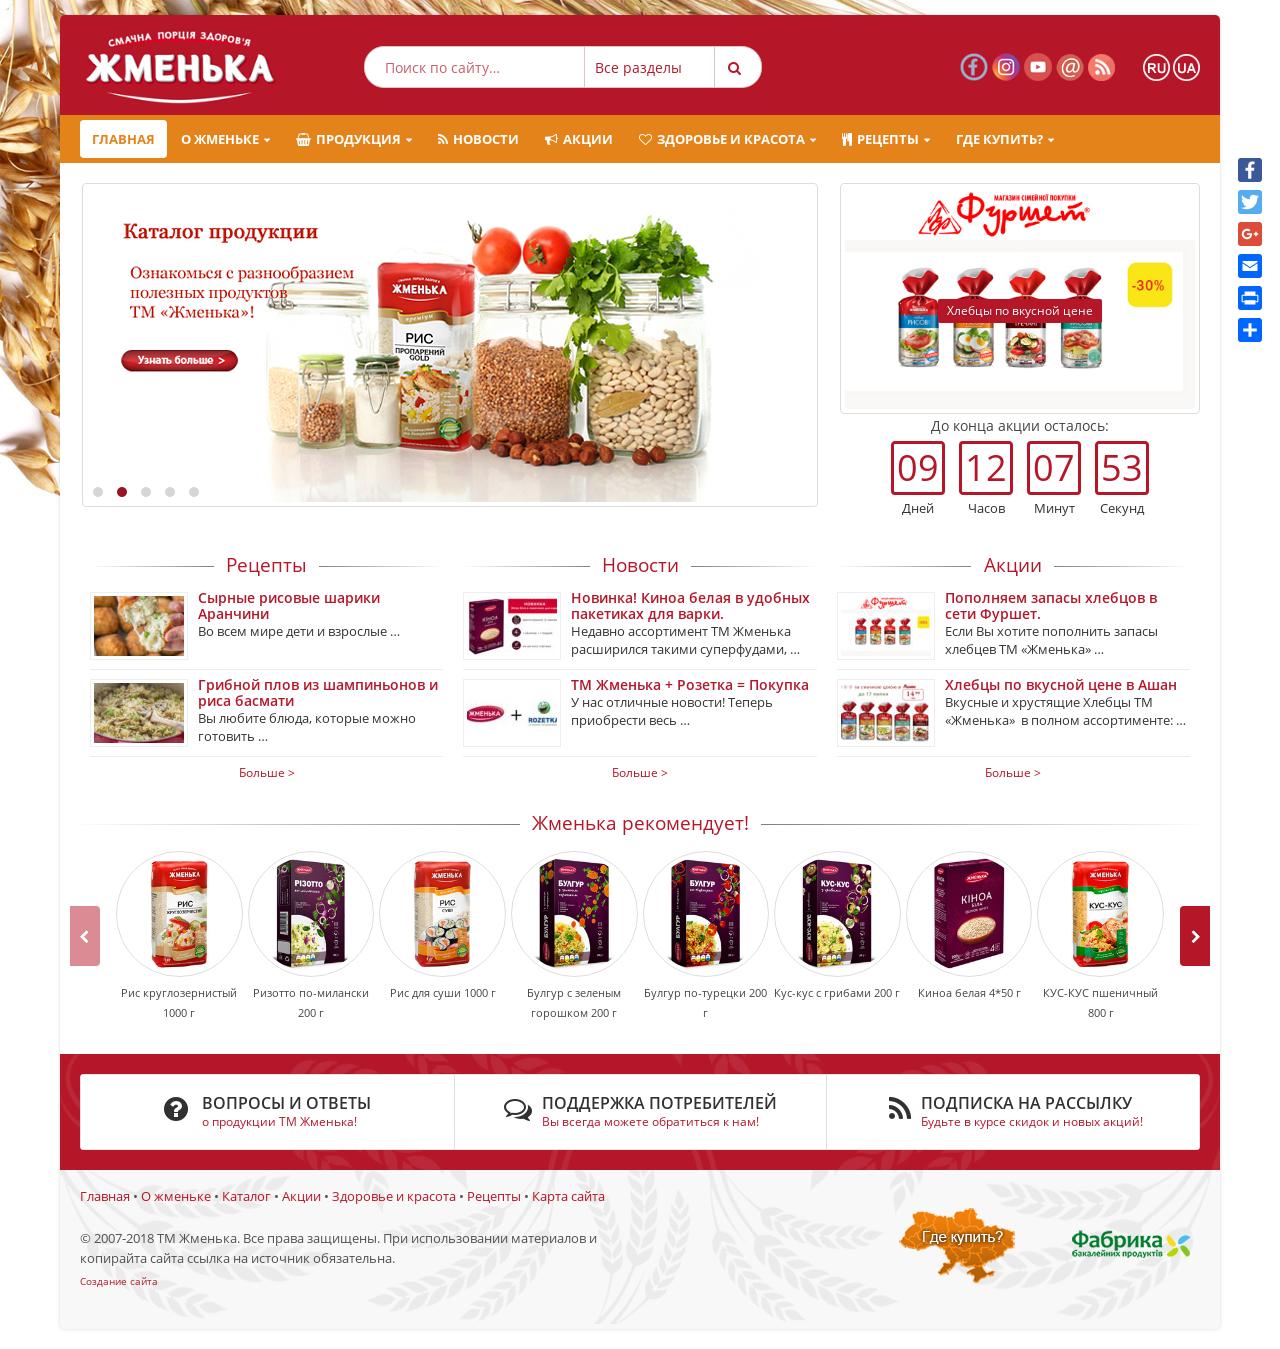 Фото ТМ Жменька™. С ТМ «Жменька» я сотрудничаю с 2011 года. За это время было разработано несколько больших веб-проектов и рекламных промо-страниц. Также я осуществляю техническую и информационную поддержку для всех сайтов компании. http://rice.ua